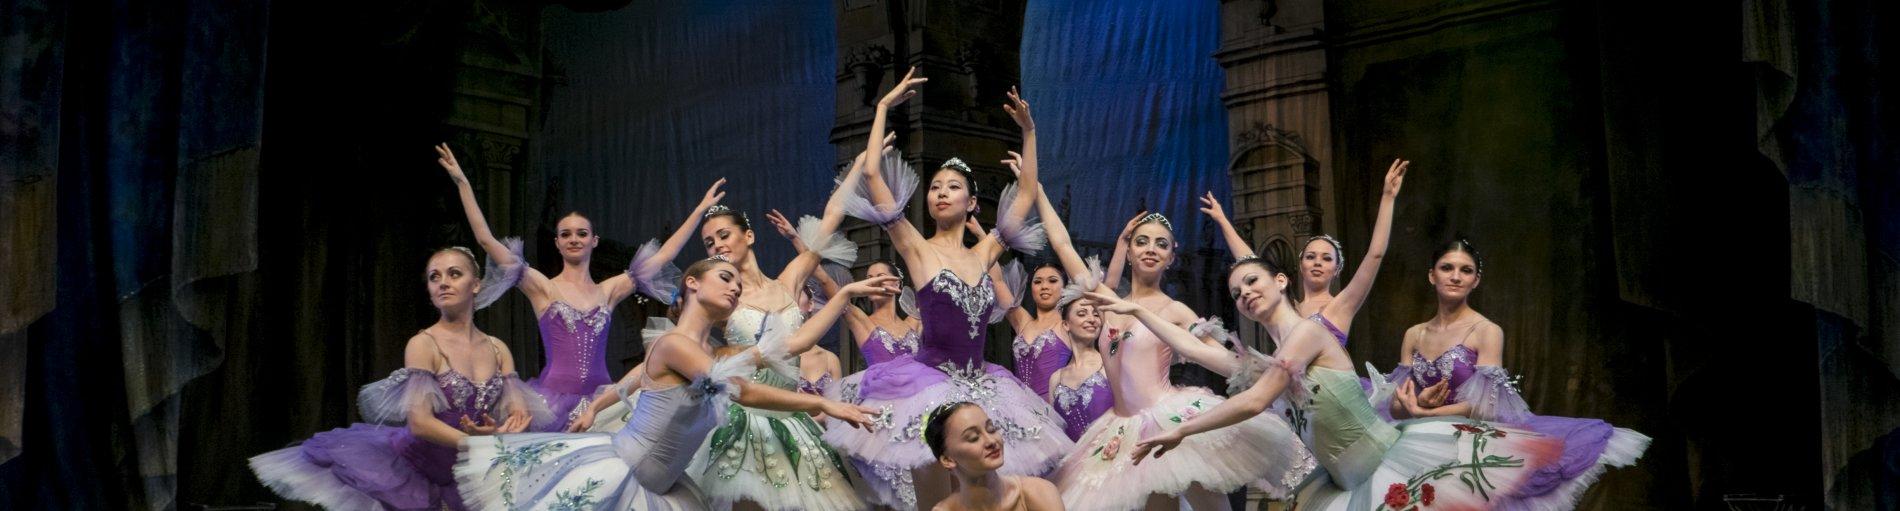 Die Tänzerinnen posen auf der Bühne im Balletoutfit.